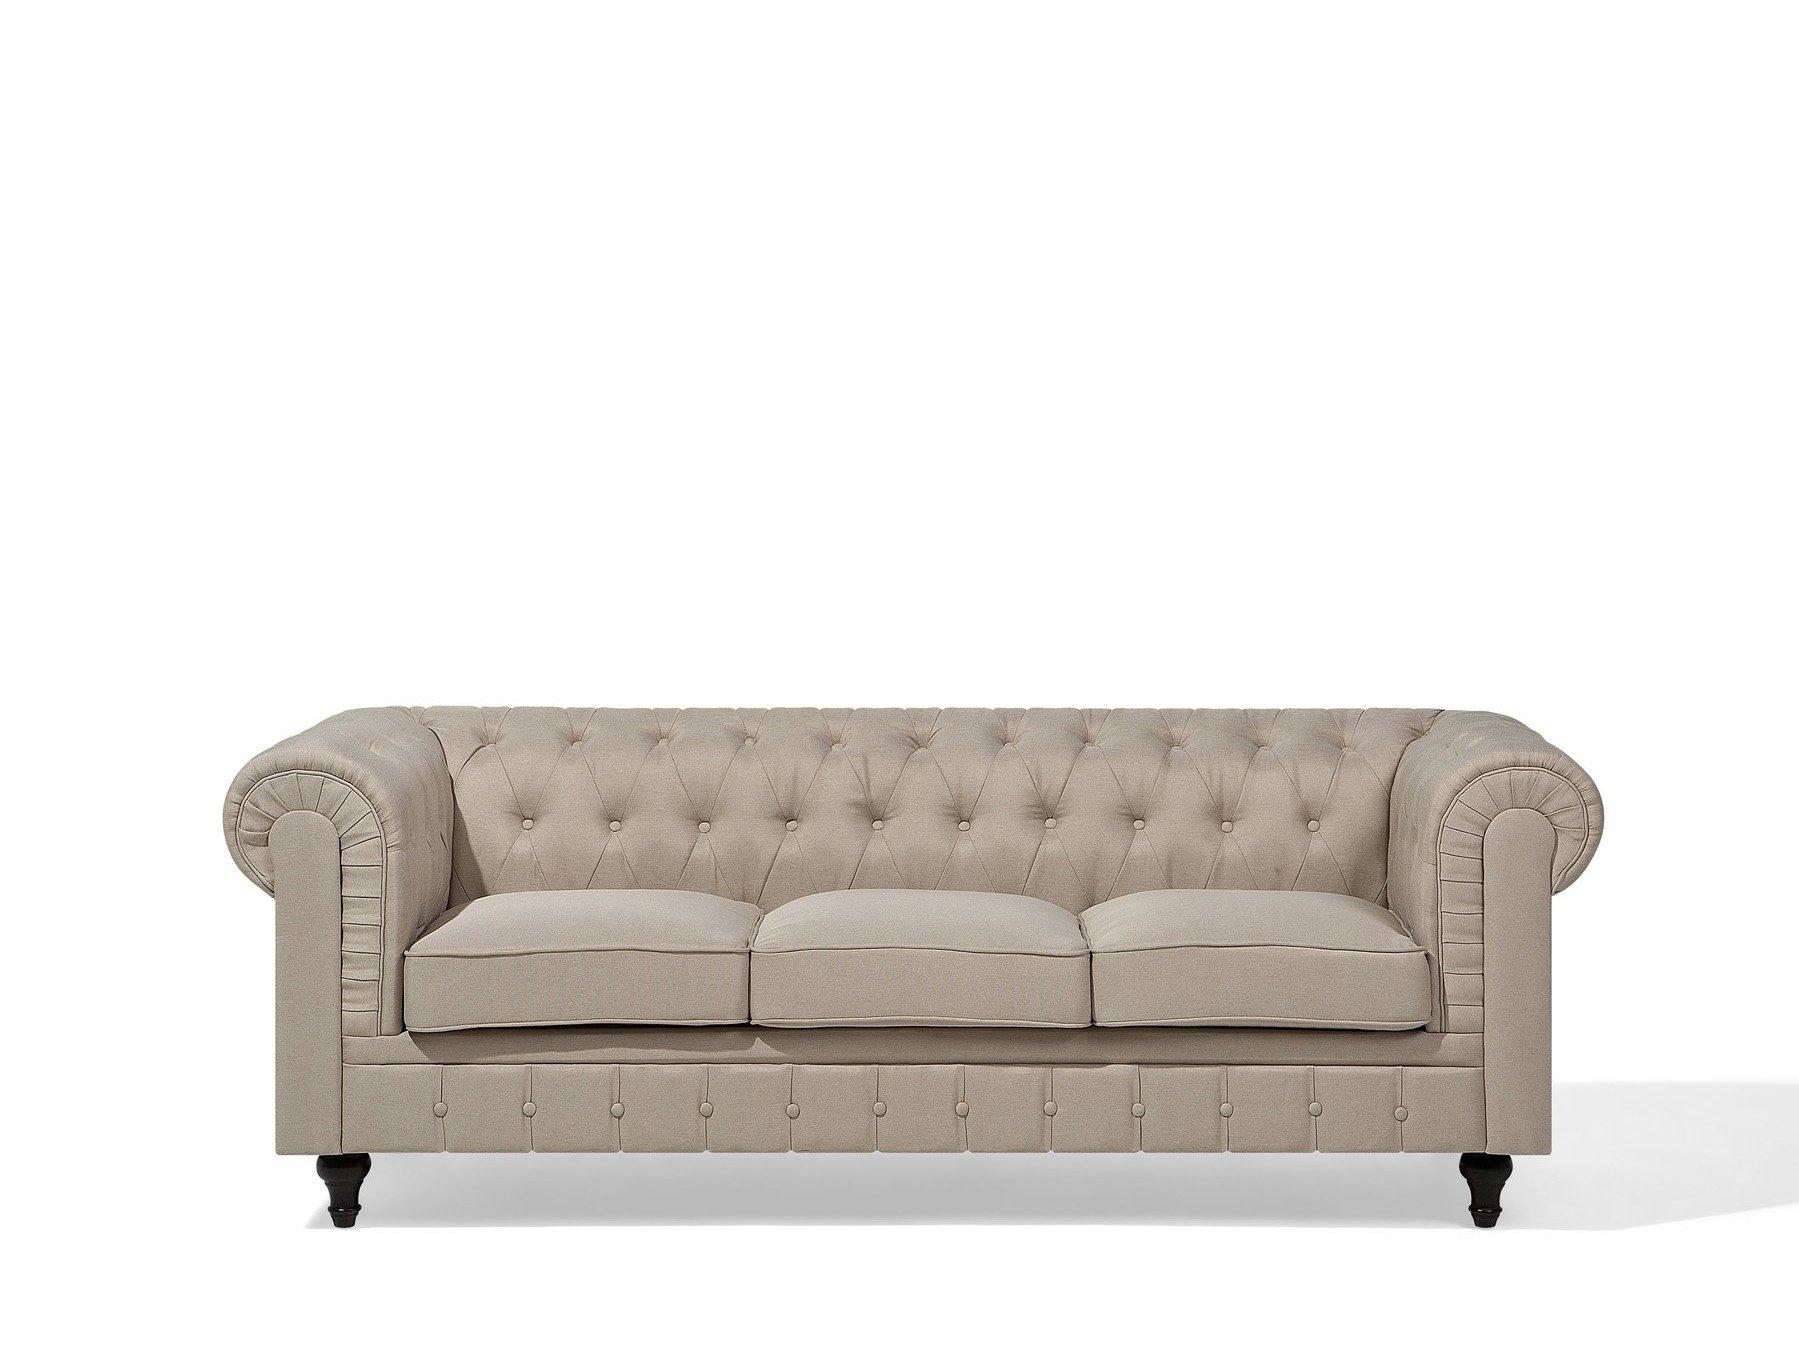 Full Size of 3er Sofa Polsterbezug Beige Chesterfield Gro Belianide Kleines Wohnzimmer Big Kolonialstil Mit Abnehmbaren Bezug Schlaffunktion Bettkasten Polyrattan Günstig Sofa 3er Sofa